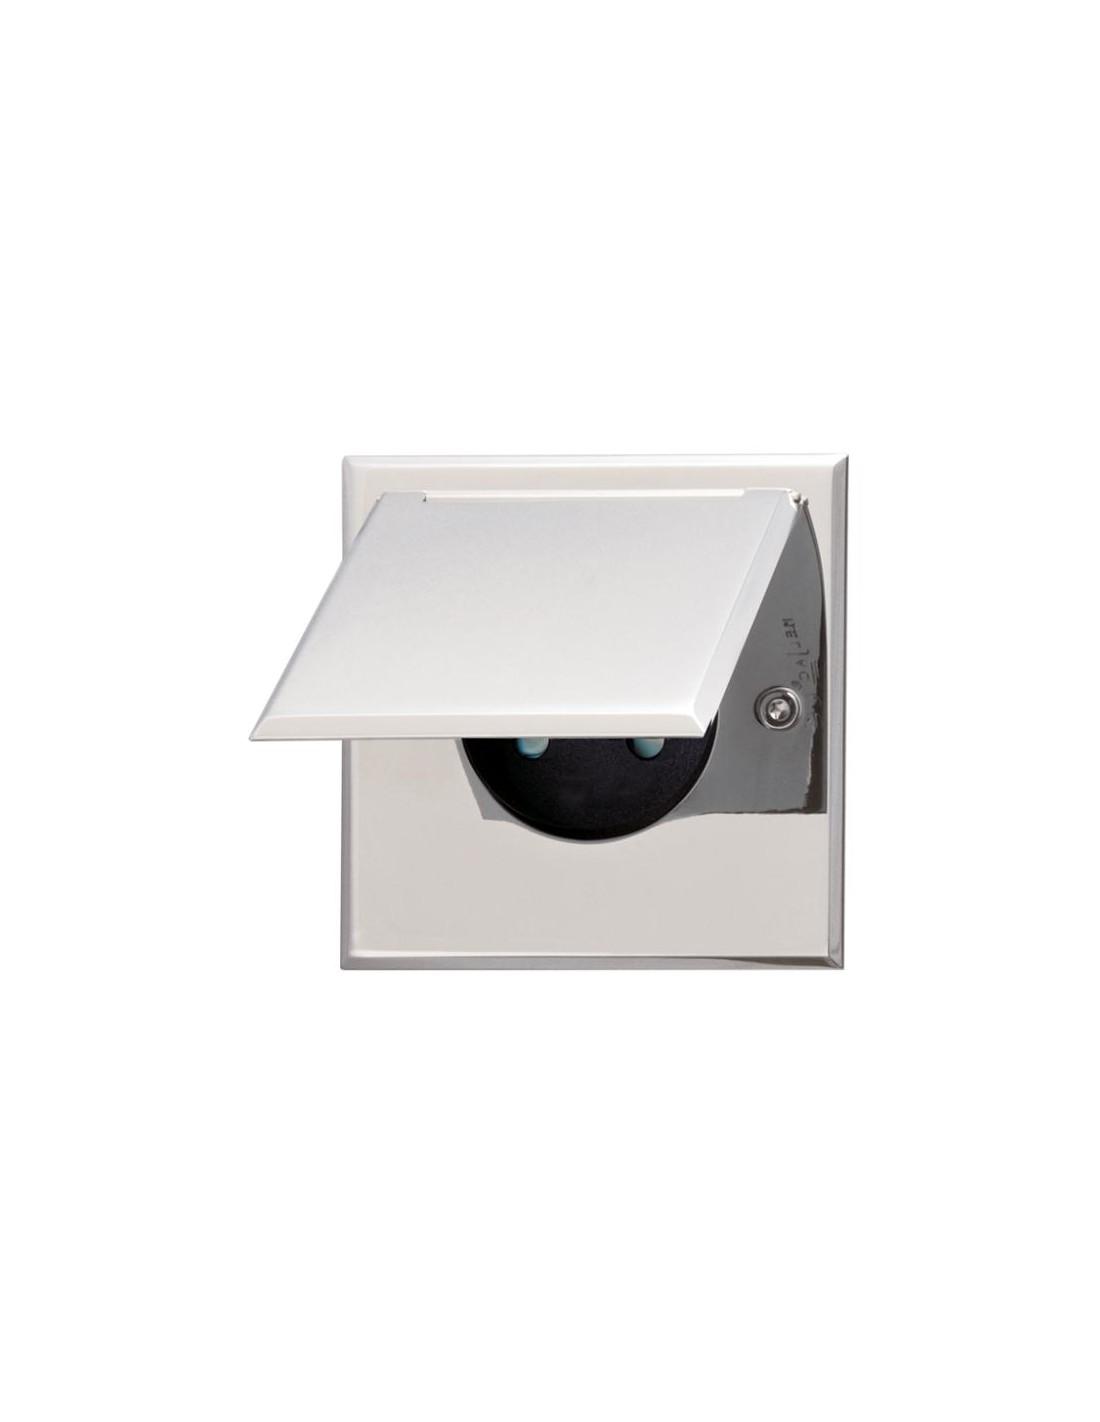 Luminaire salle de bain avec prise miroir lumineux - Miroir salle de bain lumineux avec prise de courant ...